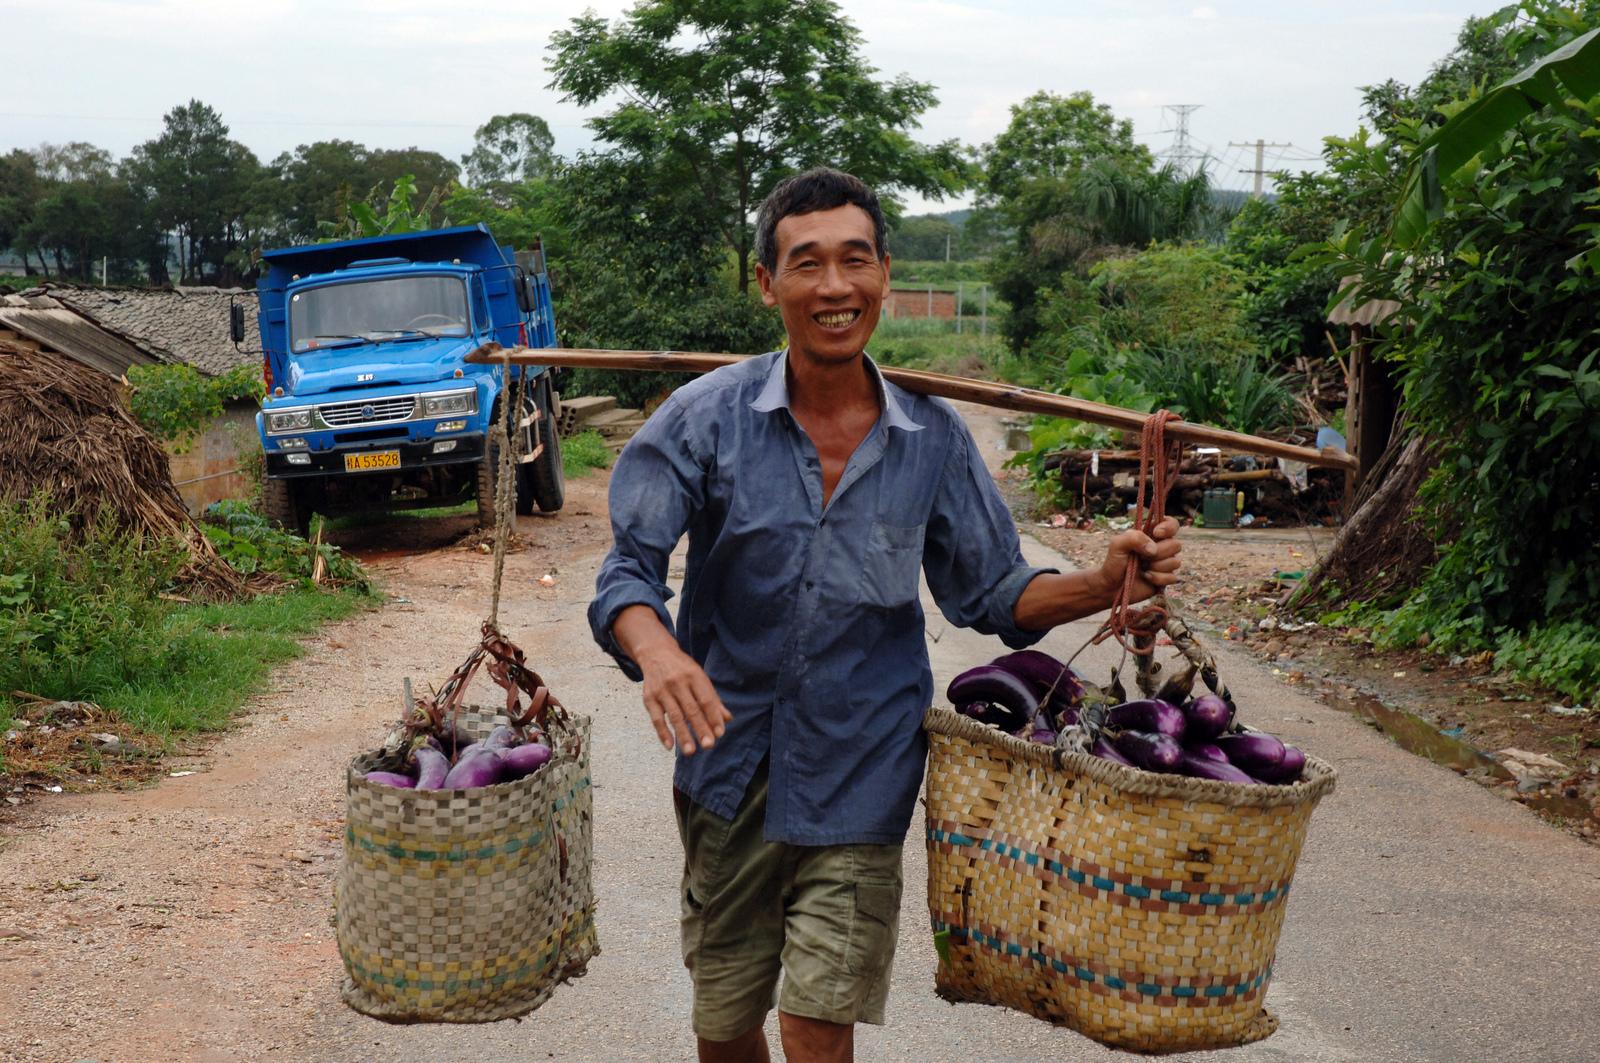 Trabajador rural en el sudeste de China | Vía: Flickr/Lorrie Graham